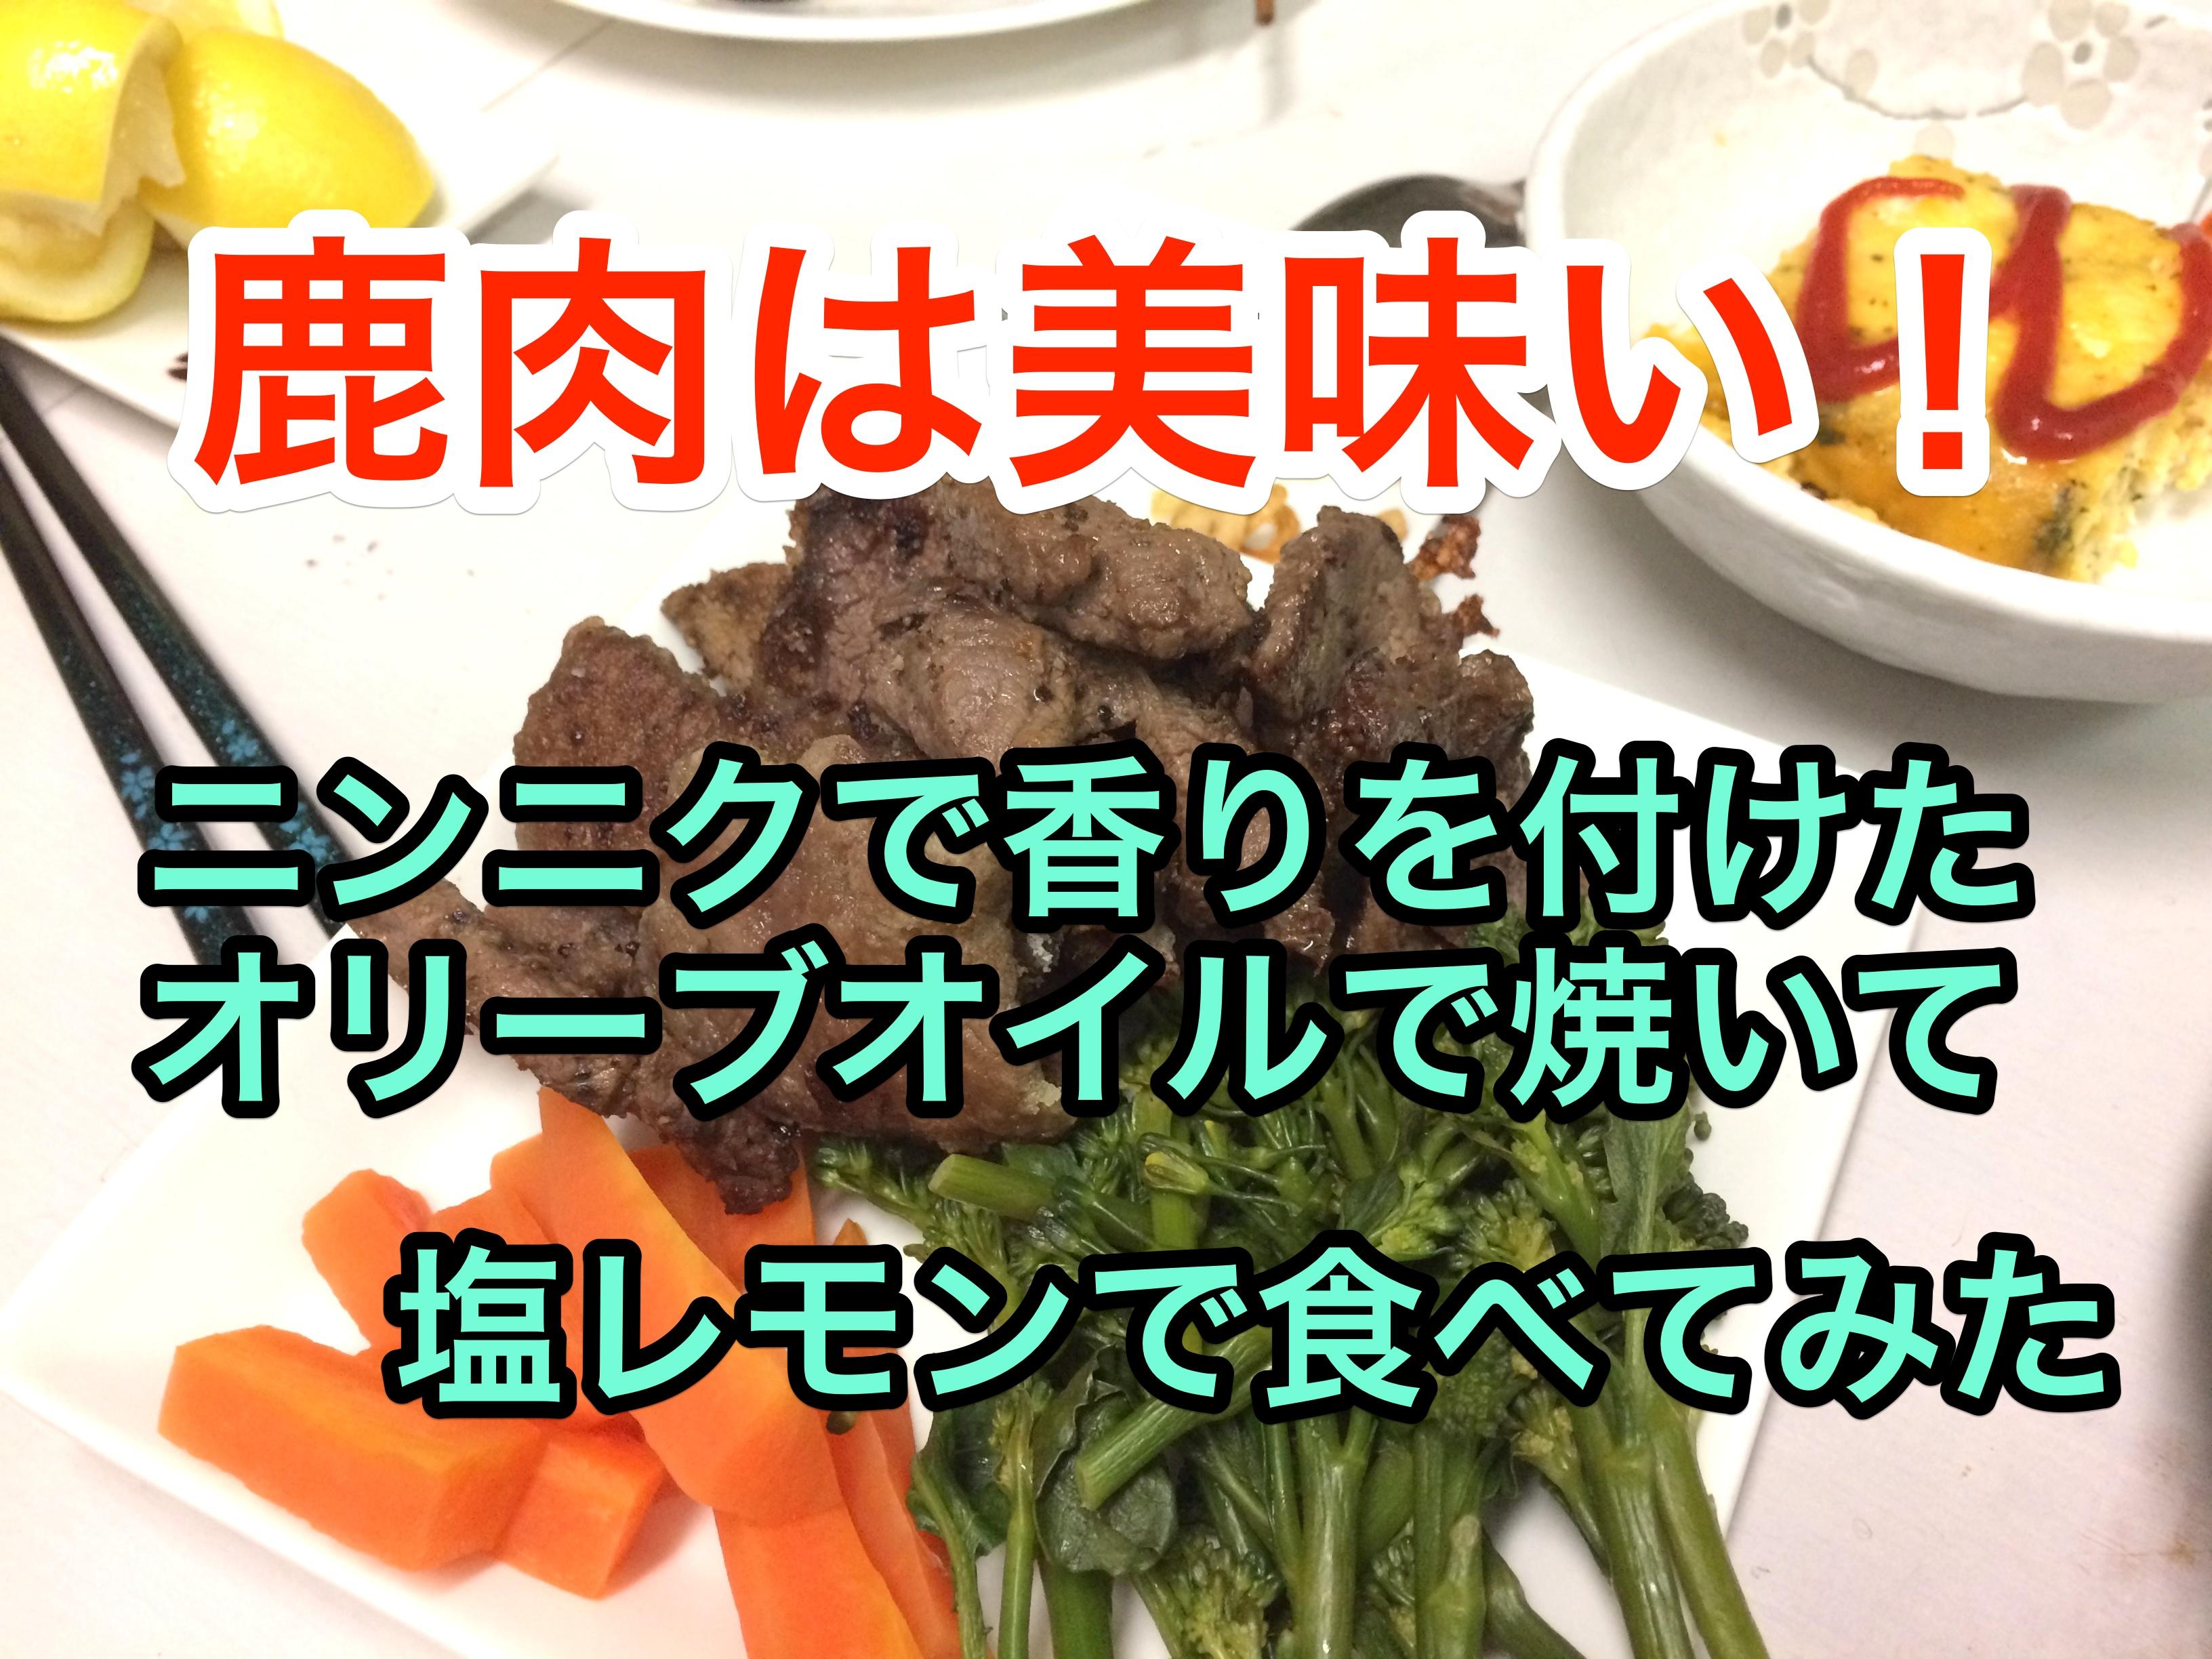 鹿肉は美味い!ニンニク風味のオリーブオイルで焼いて、塩レモンで食べてみた